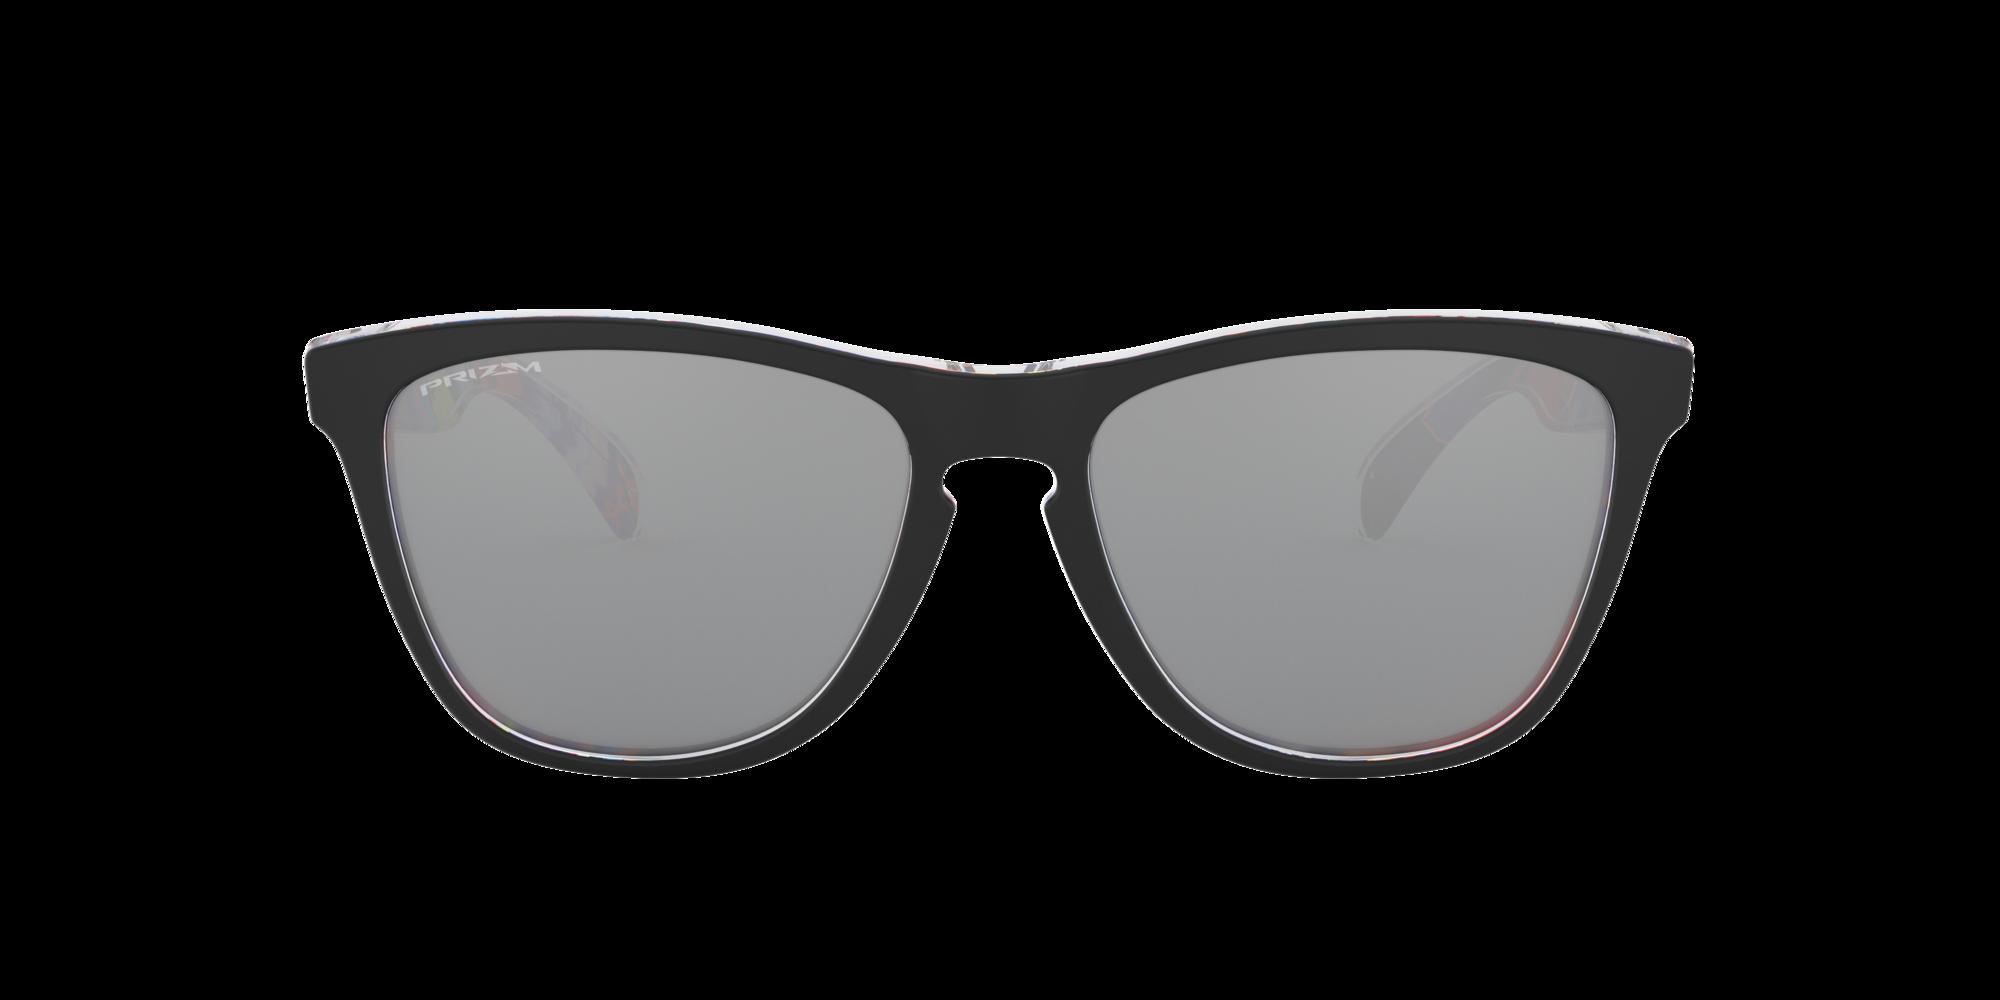 Imagen para OO9013 55 FROGSKINS de LensCrafters    Espejuelos, espejuelos graduados en línea, gafas